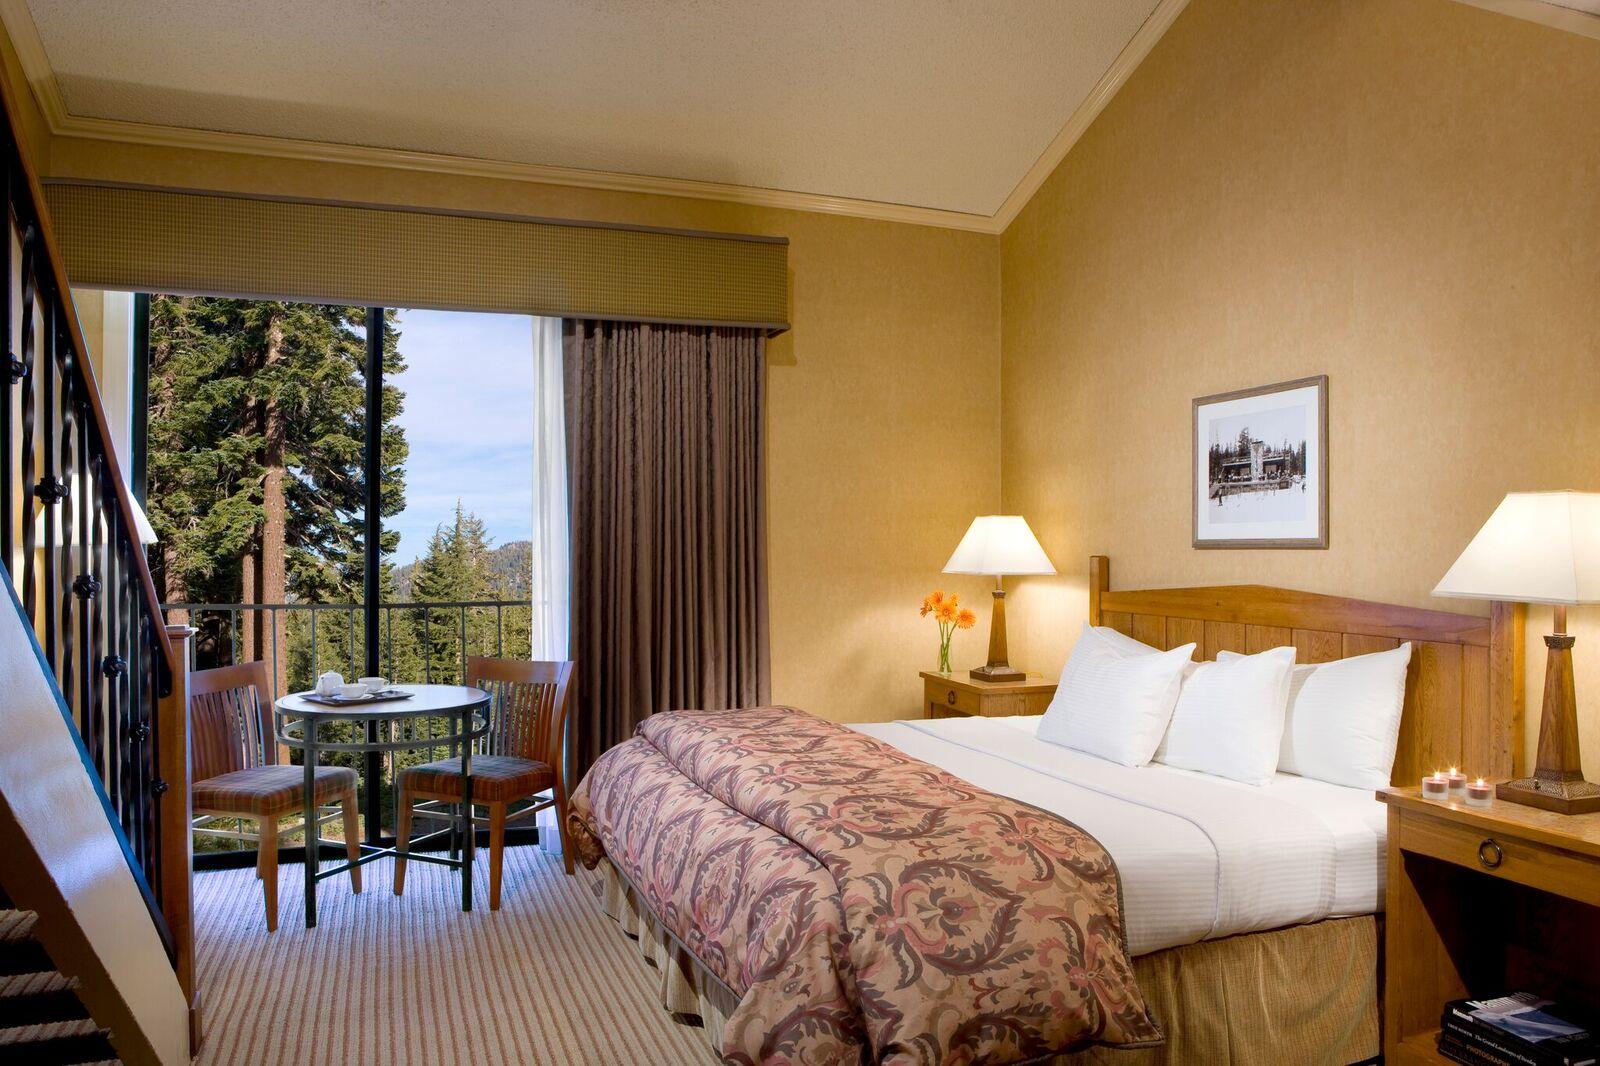 Deluxe Hotel King Loft - MHL2K4 - Master.jpg